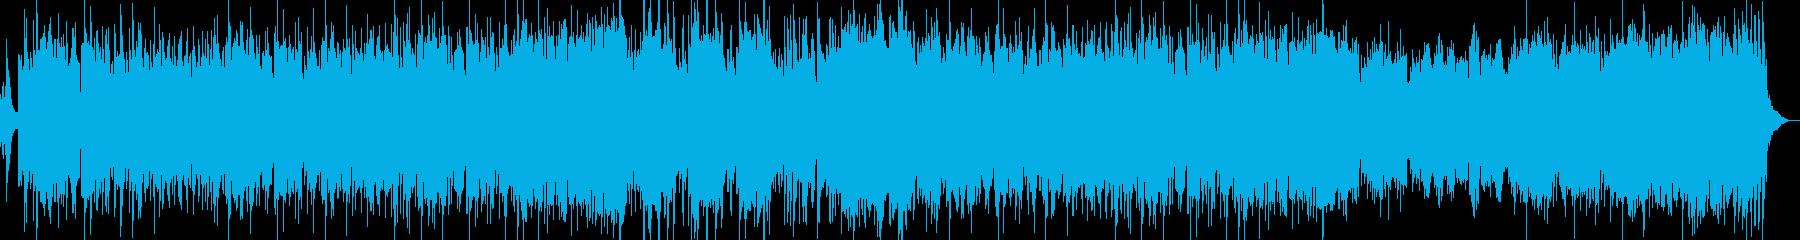 和風オーケストラ姫様京都旅曲の再生済みの波形